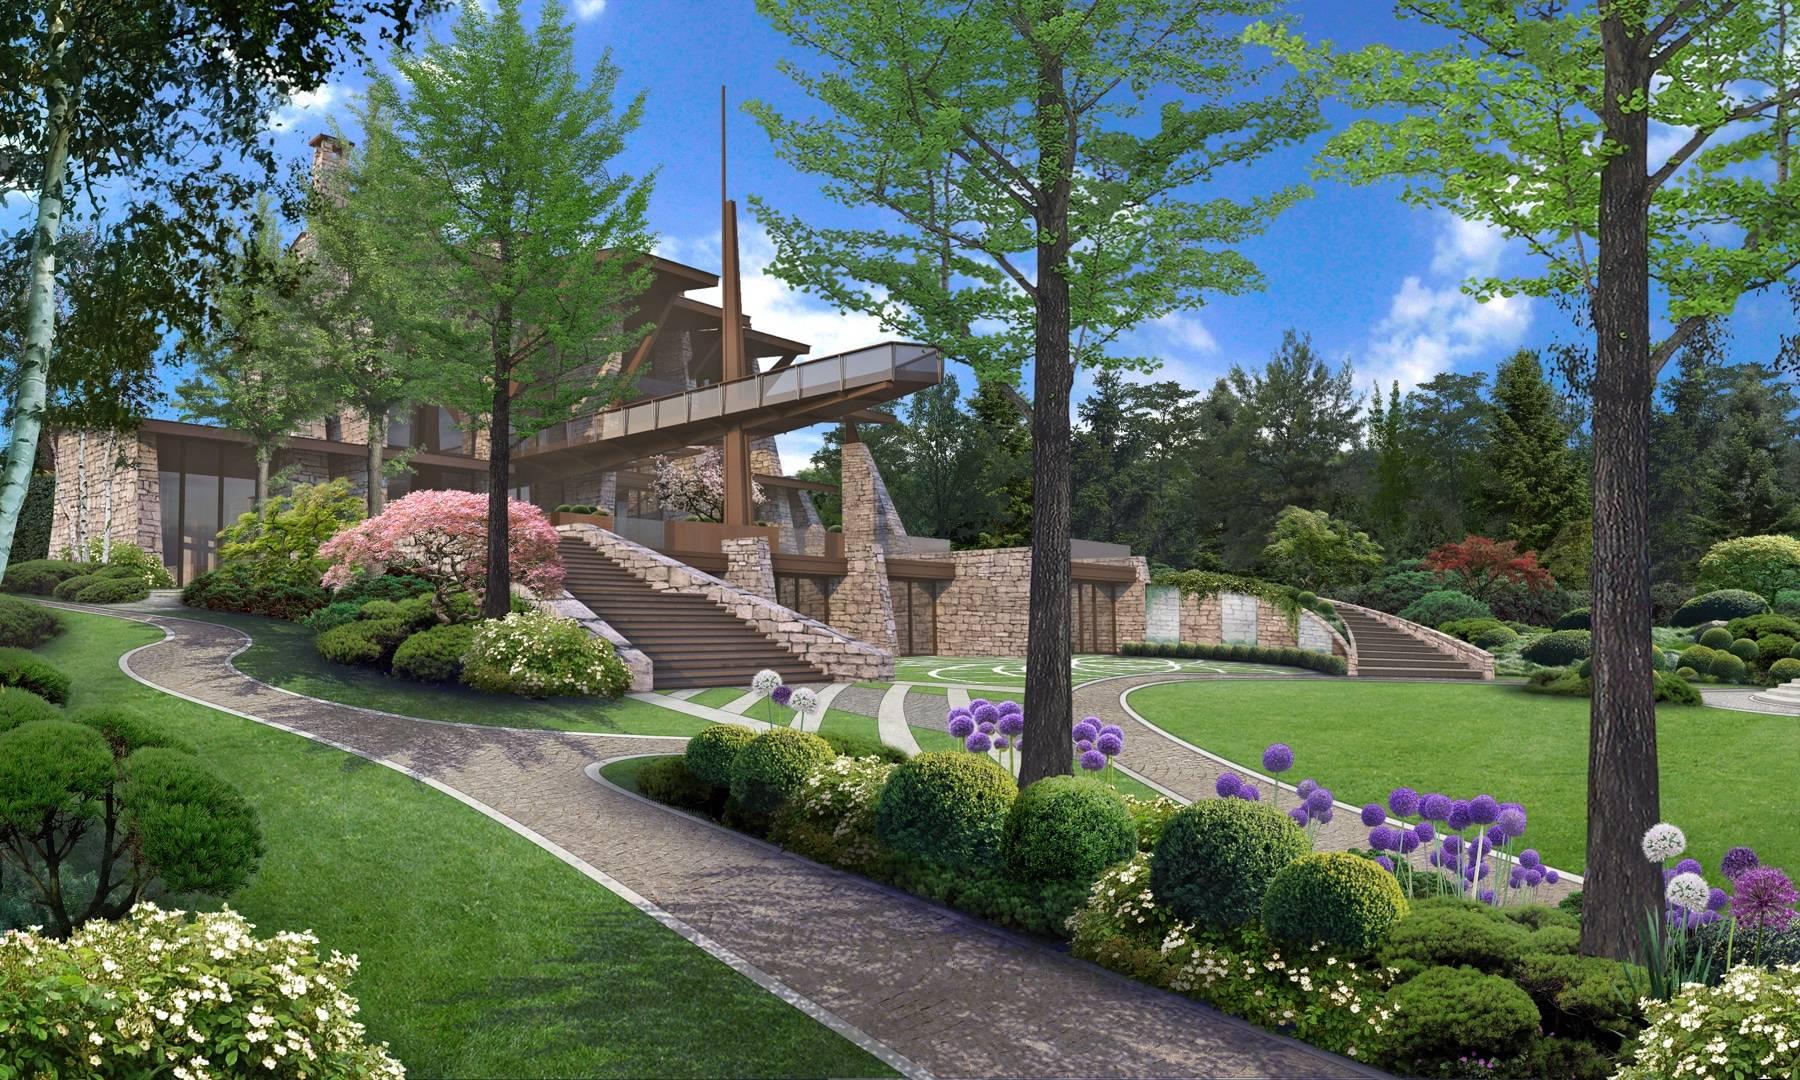 Luxury Garden on Moskva River - SF Landscape Architecture